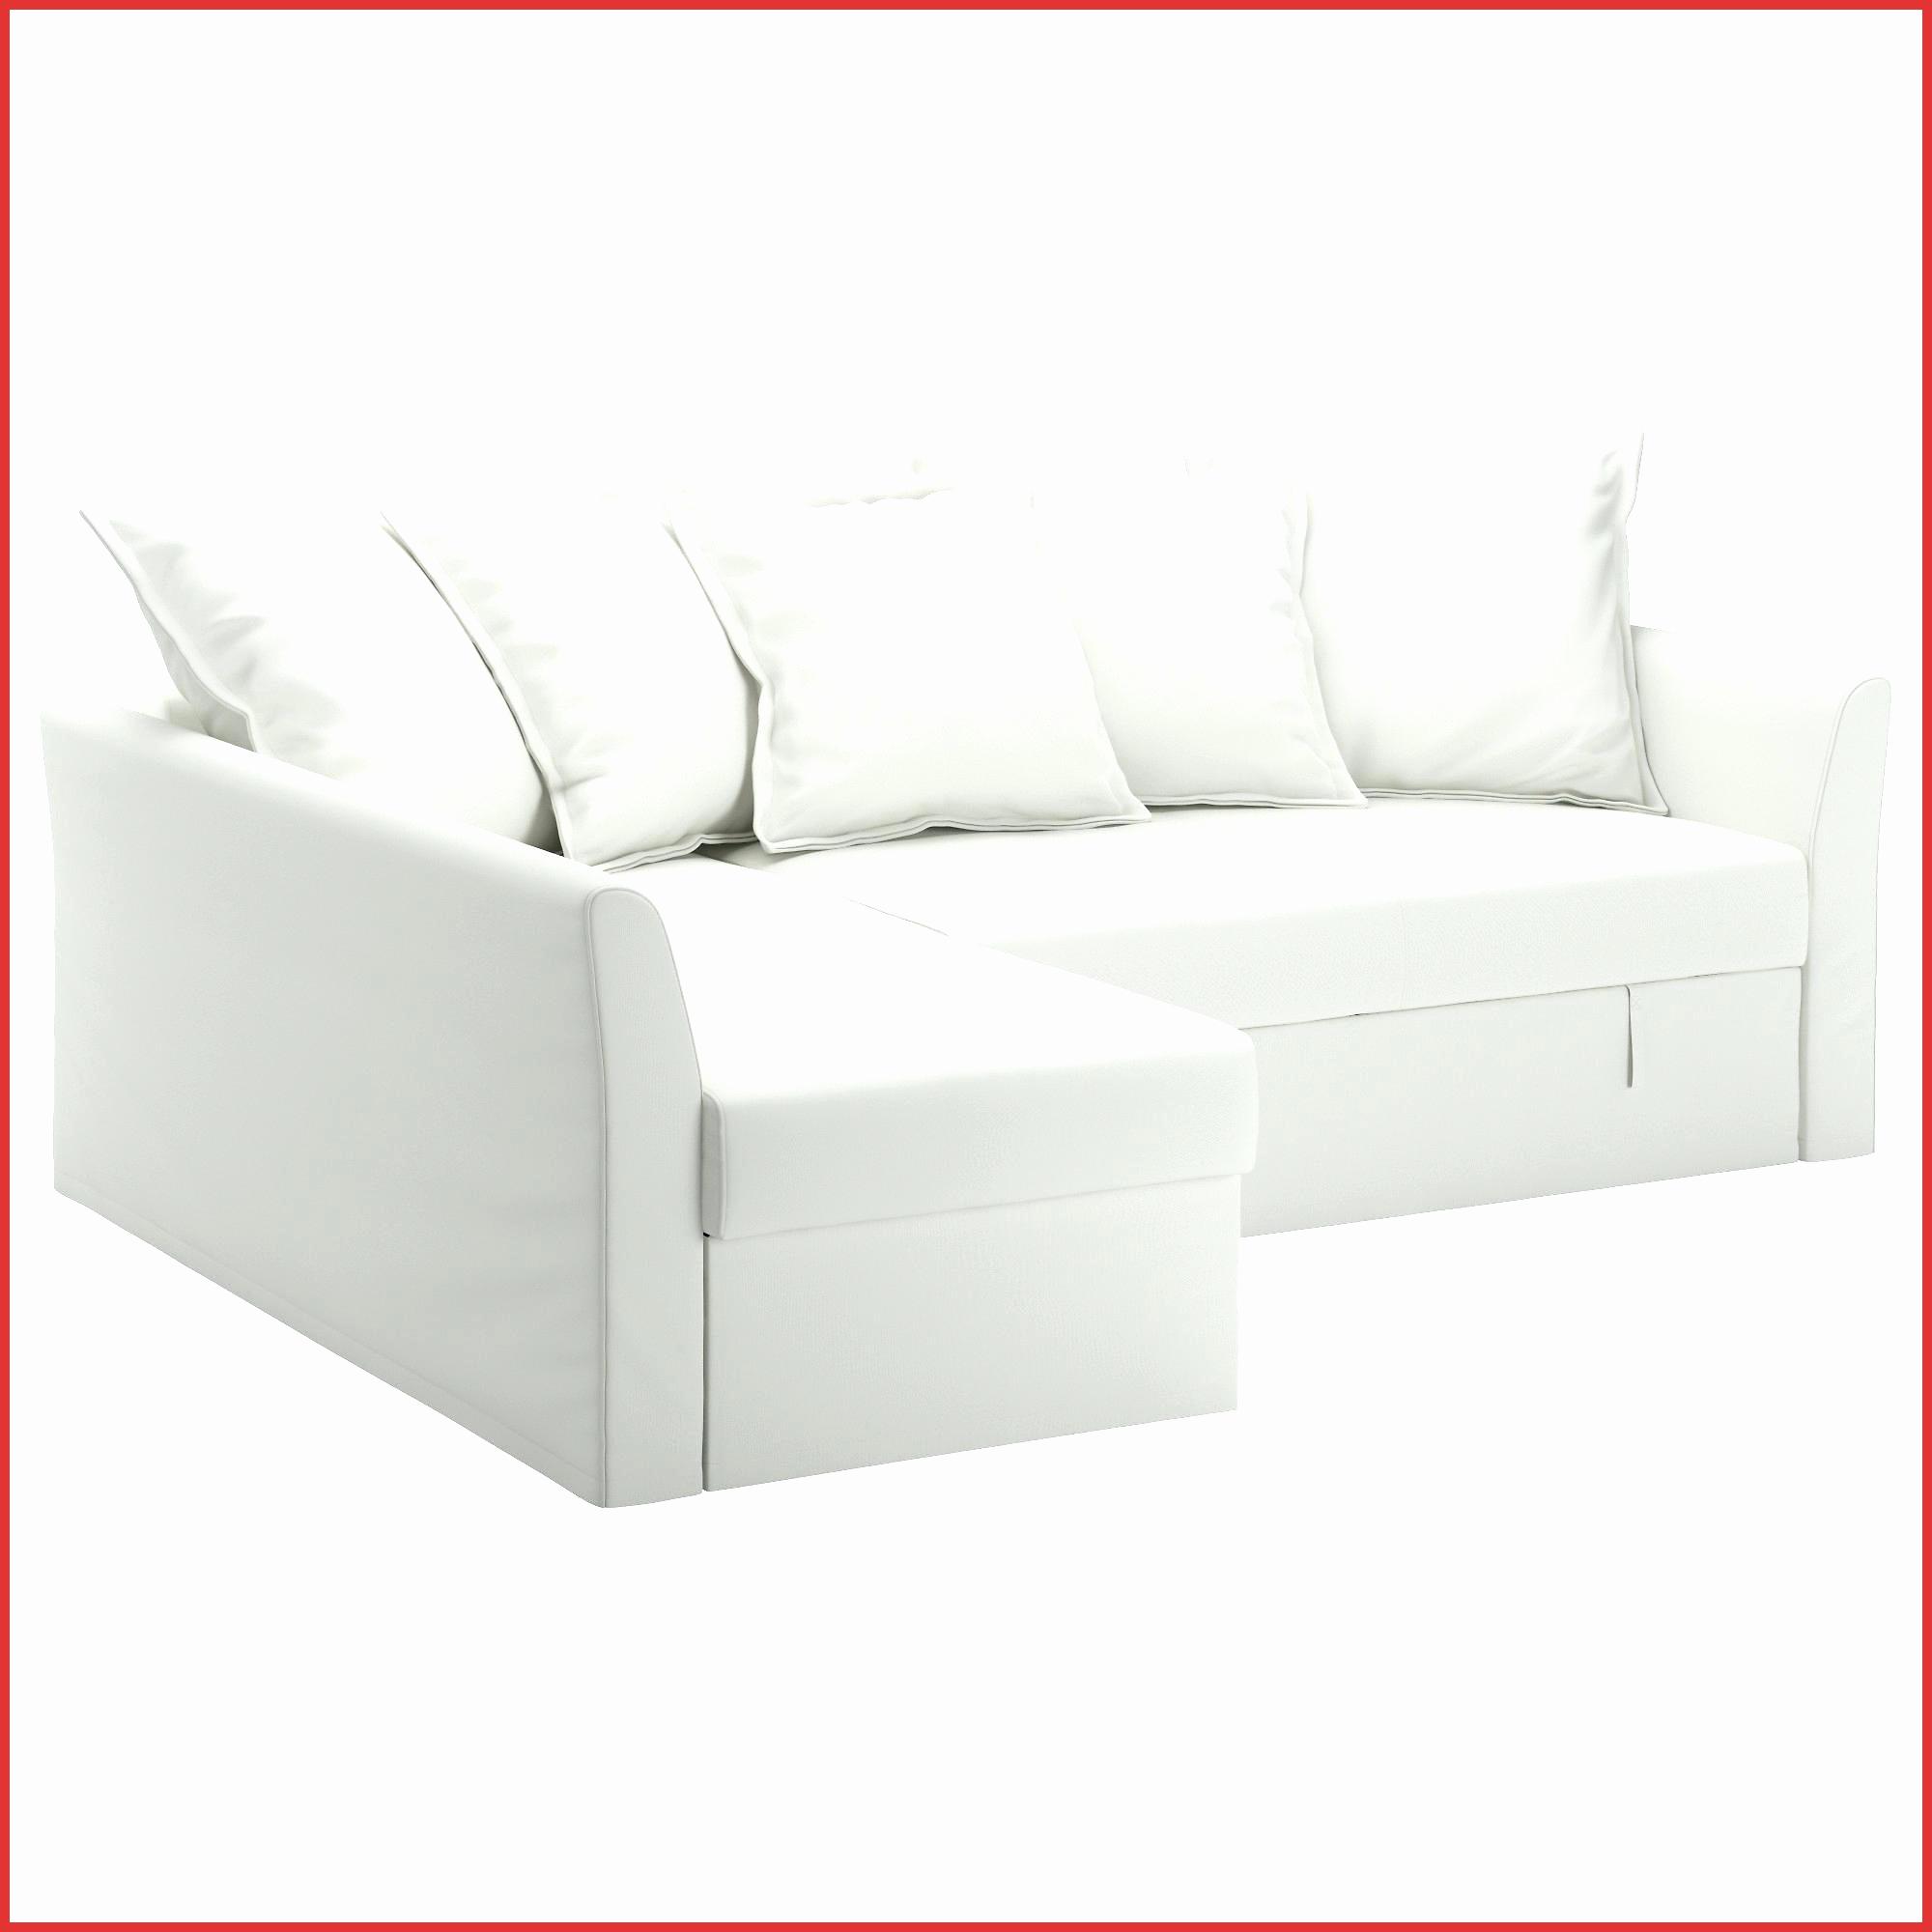 Housse Pour Bz Ikea Luxe Galerie Canape Convertible Bz Meilleur De Housse Canape Bz Frais Canape